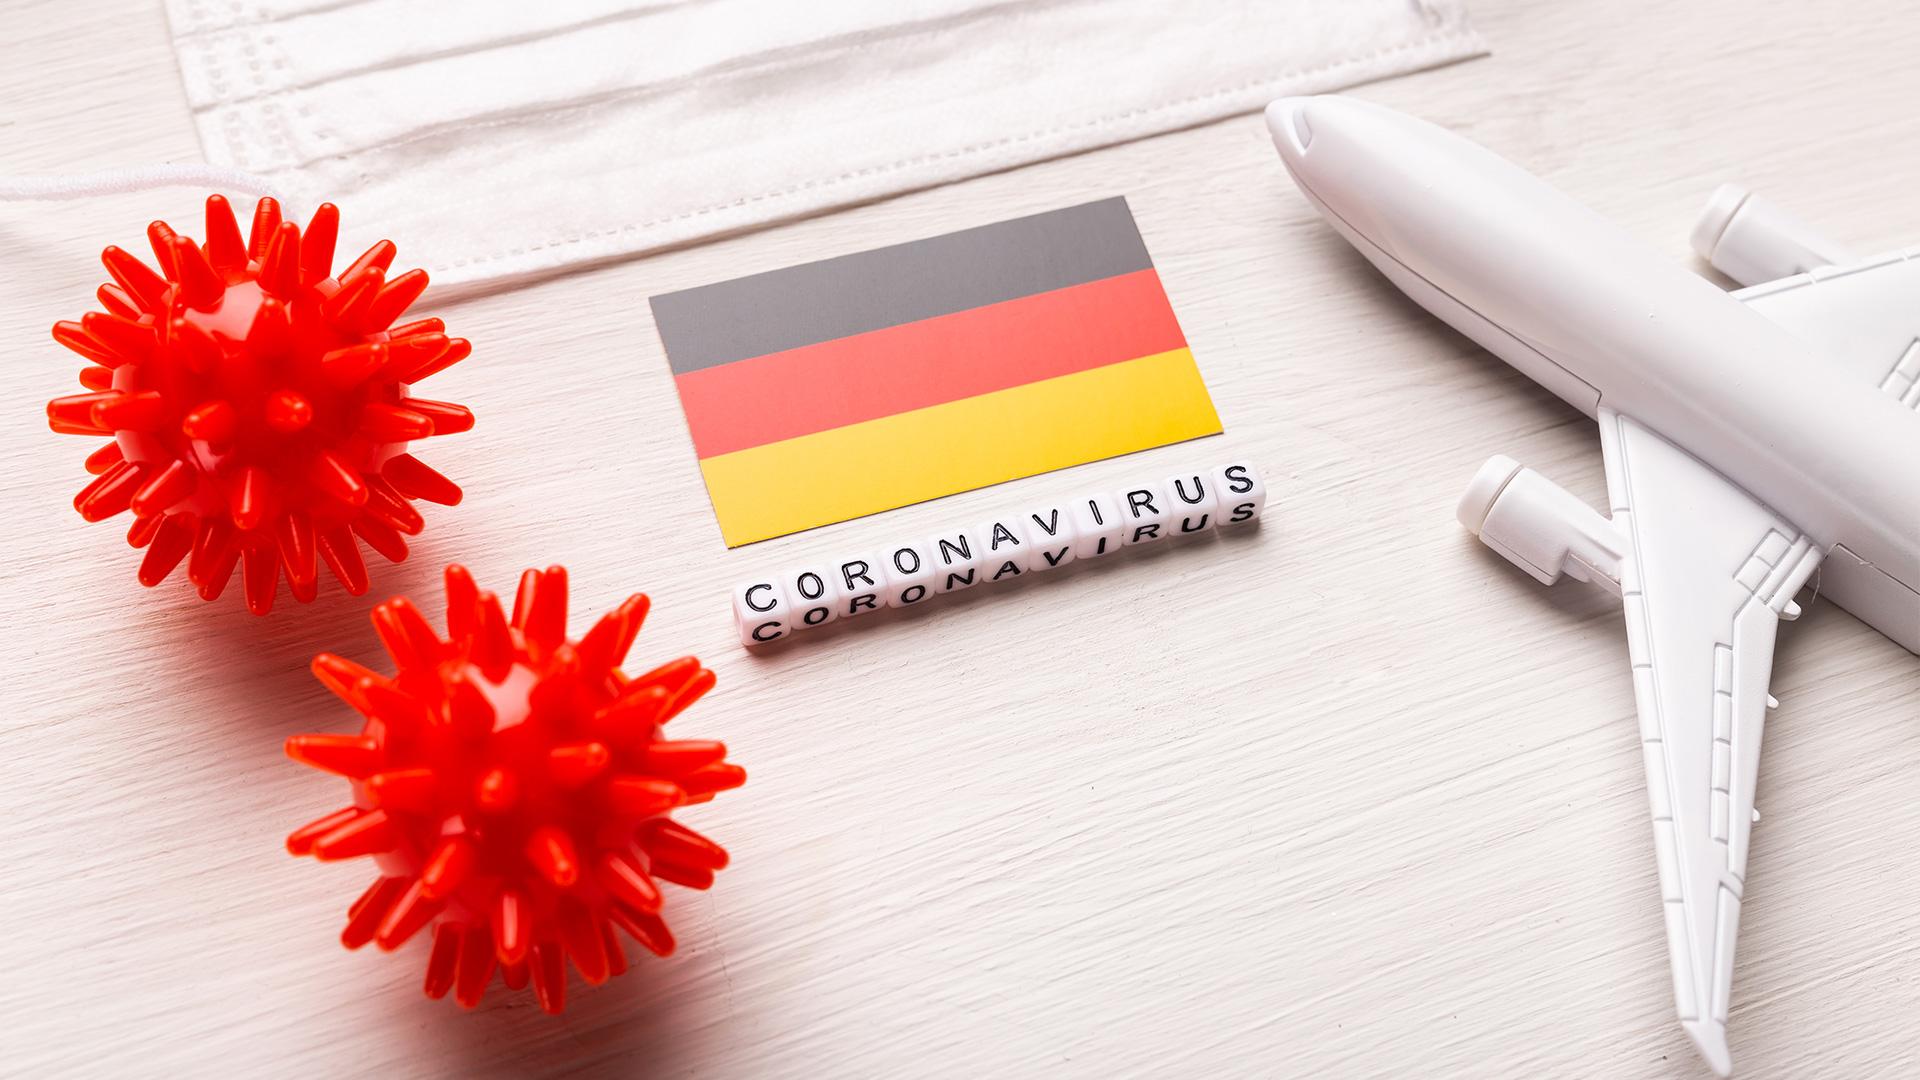 Deutschland hat die Quarantänevorschriften gelockert, um den Menschen das Reisen zu erleichtern